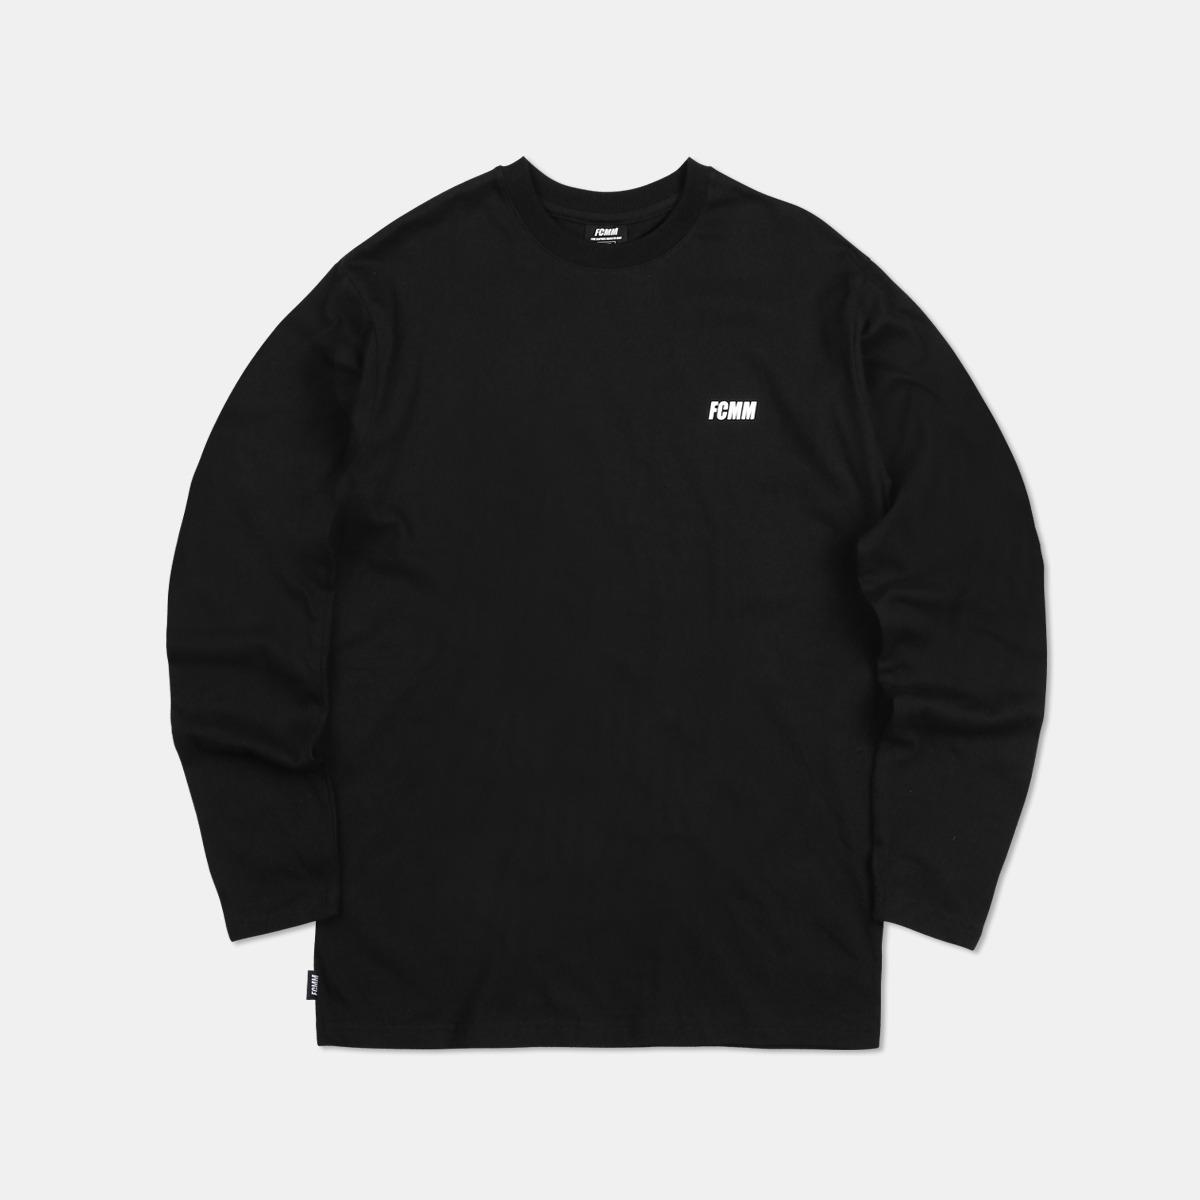 클럽 롱슬리브 티셔츠 - 블랙